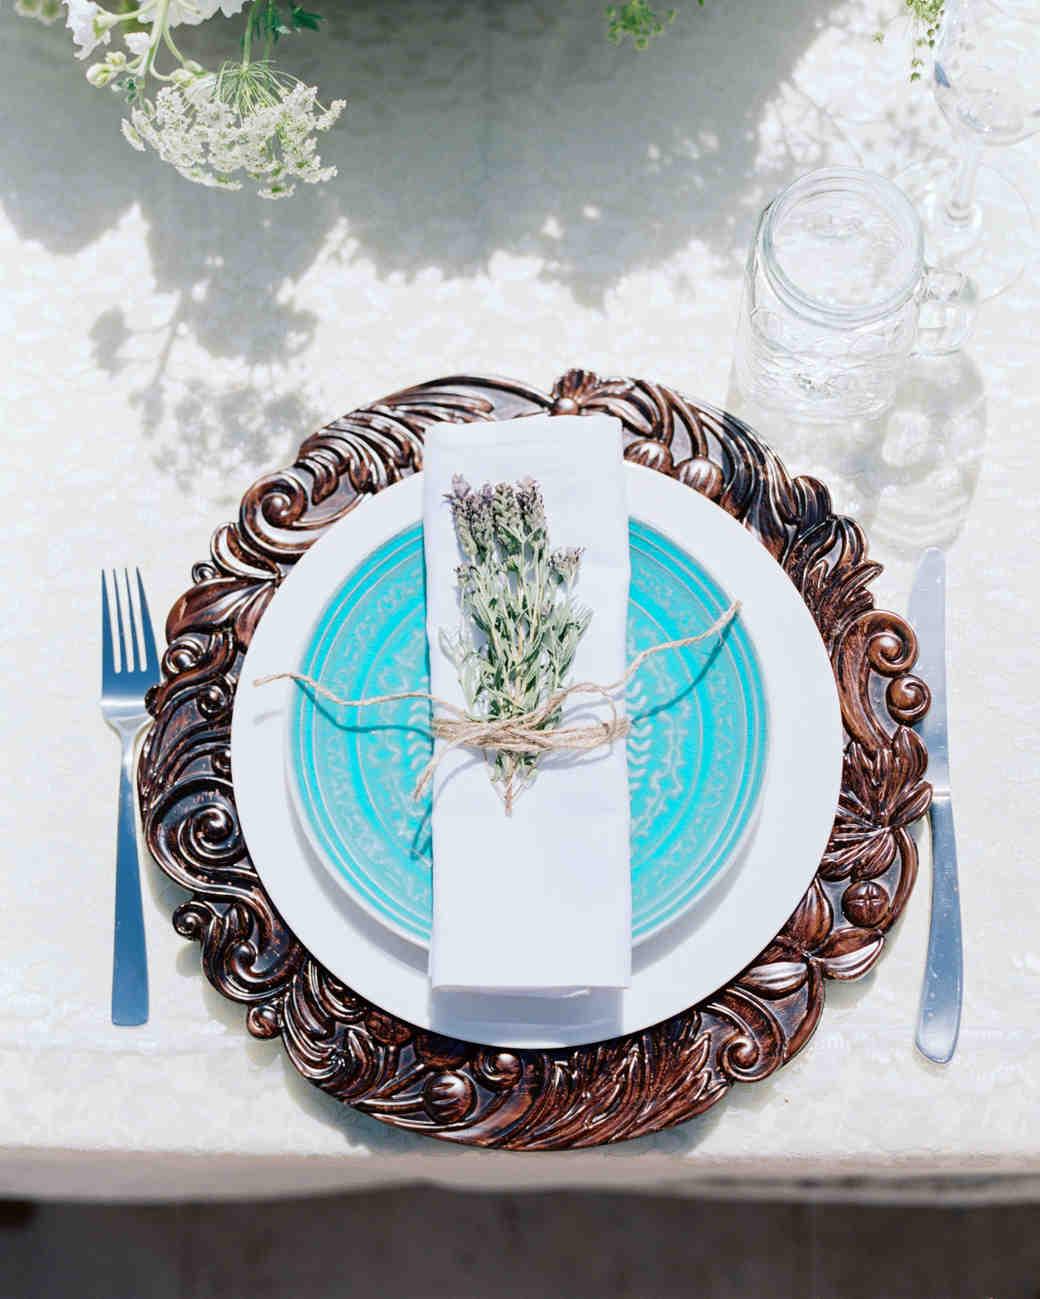 A Setup of a Wedding Plate